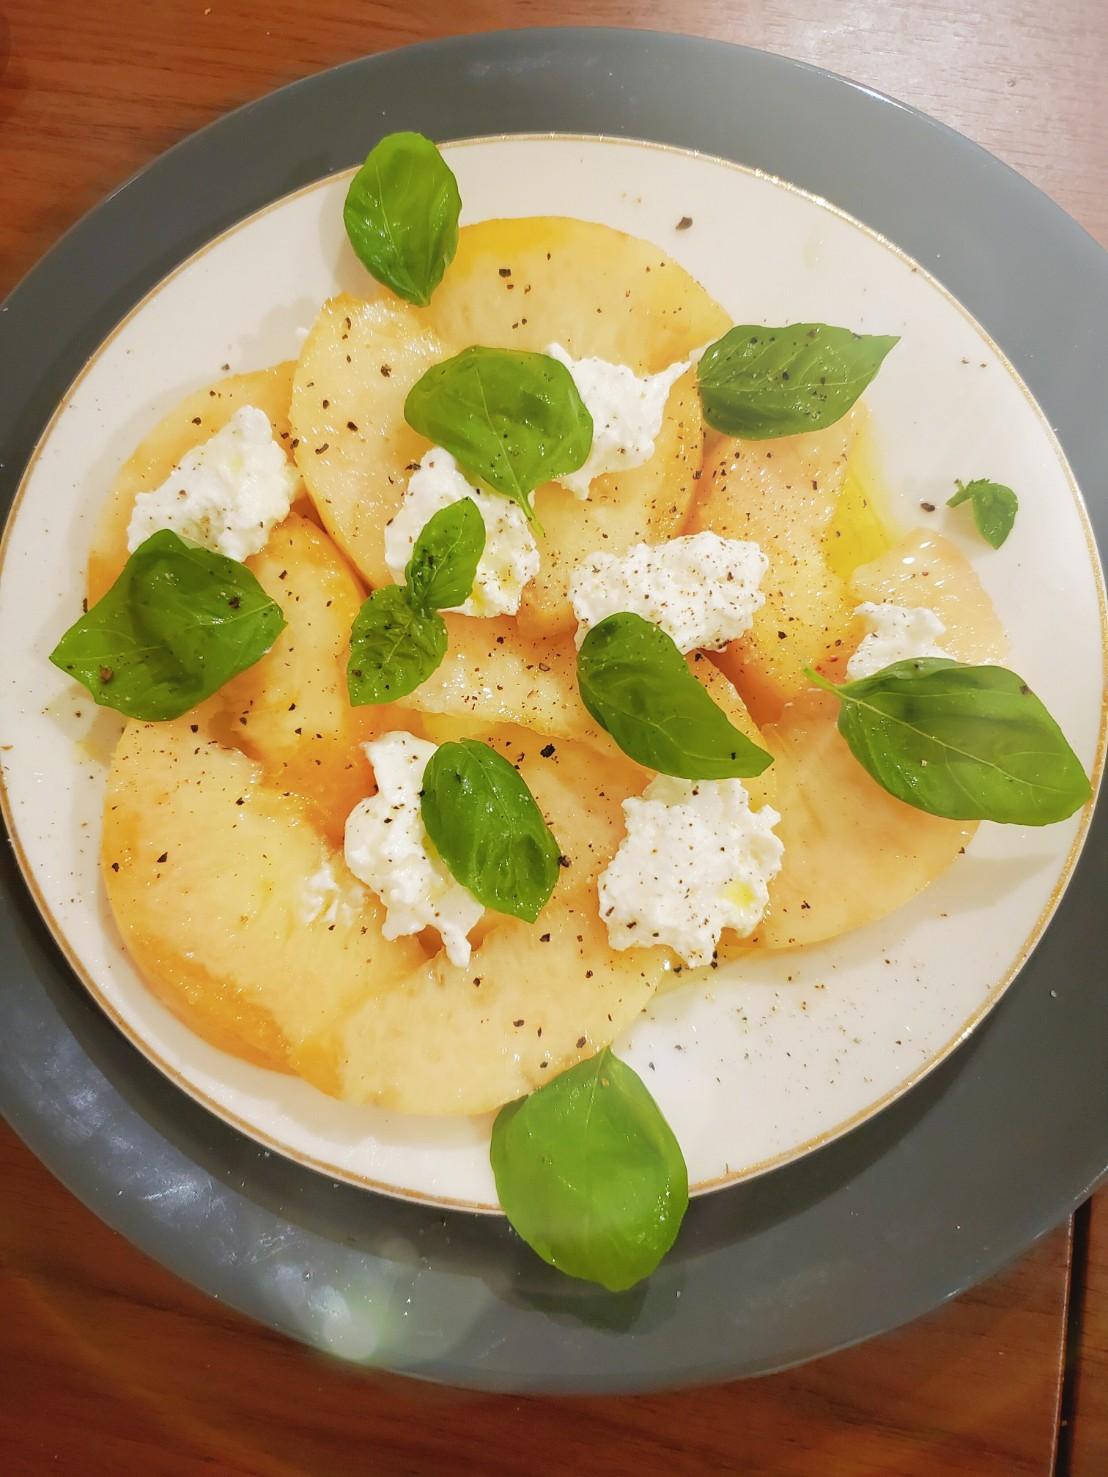 桃とカッテージチーズのおしゃれサラダ